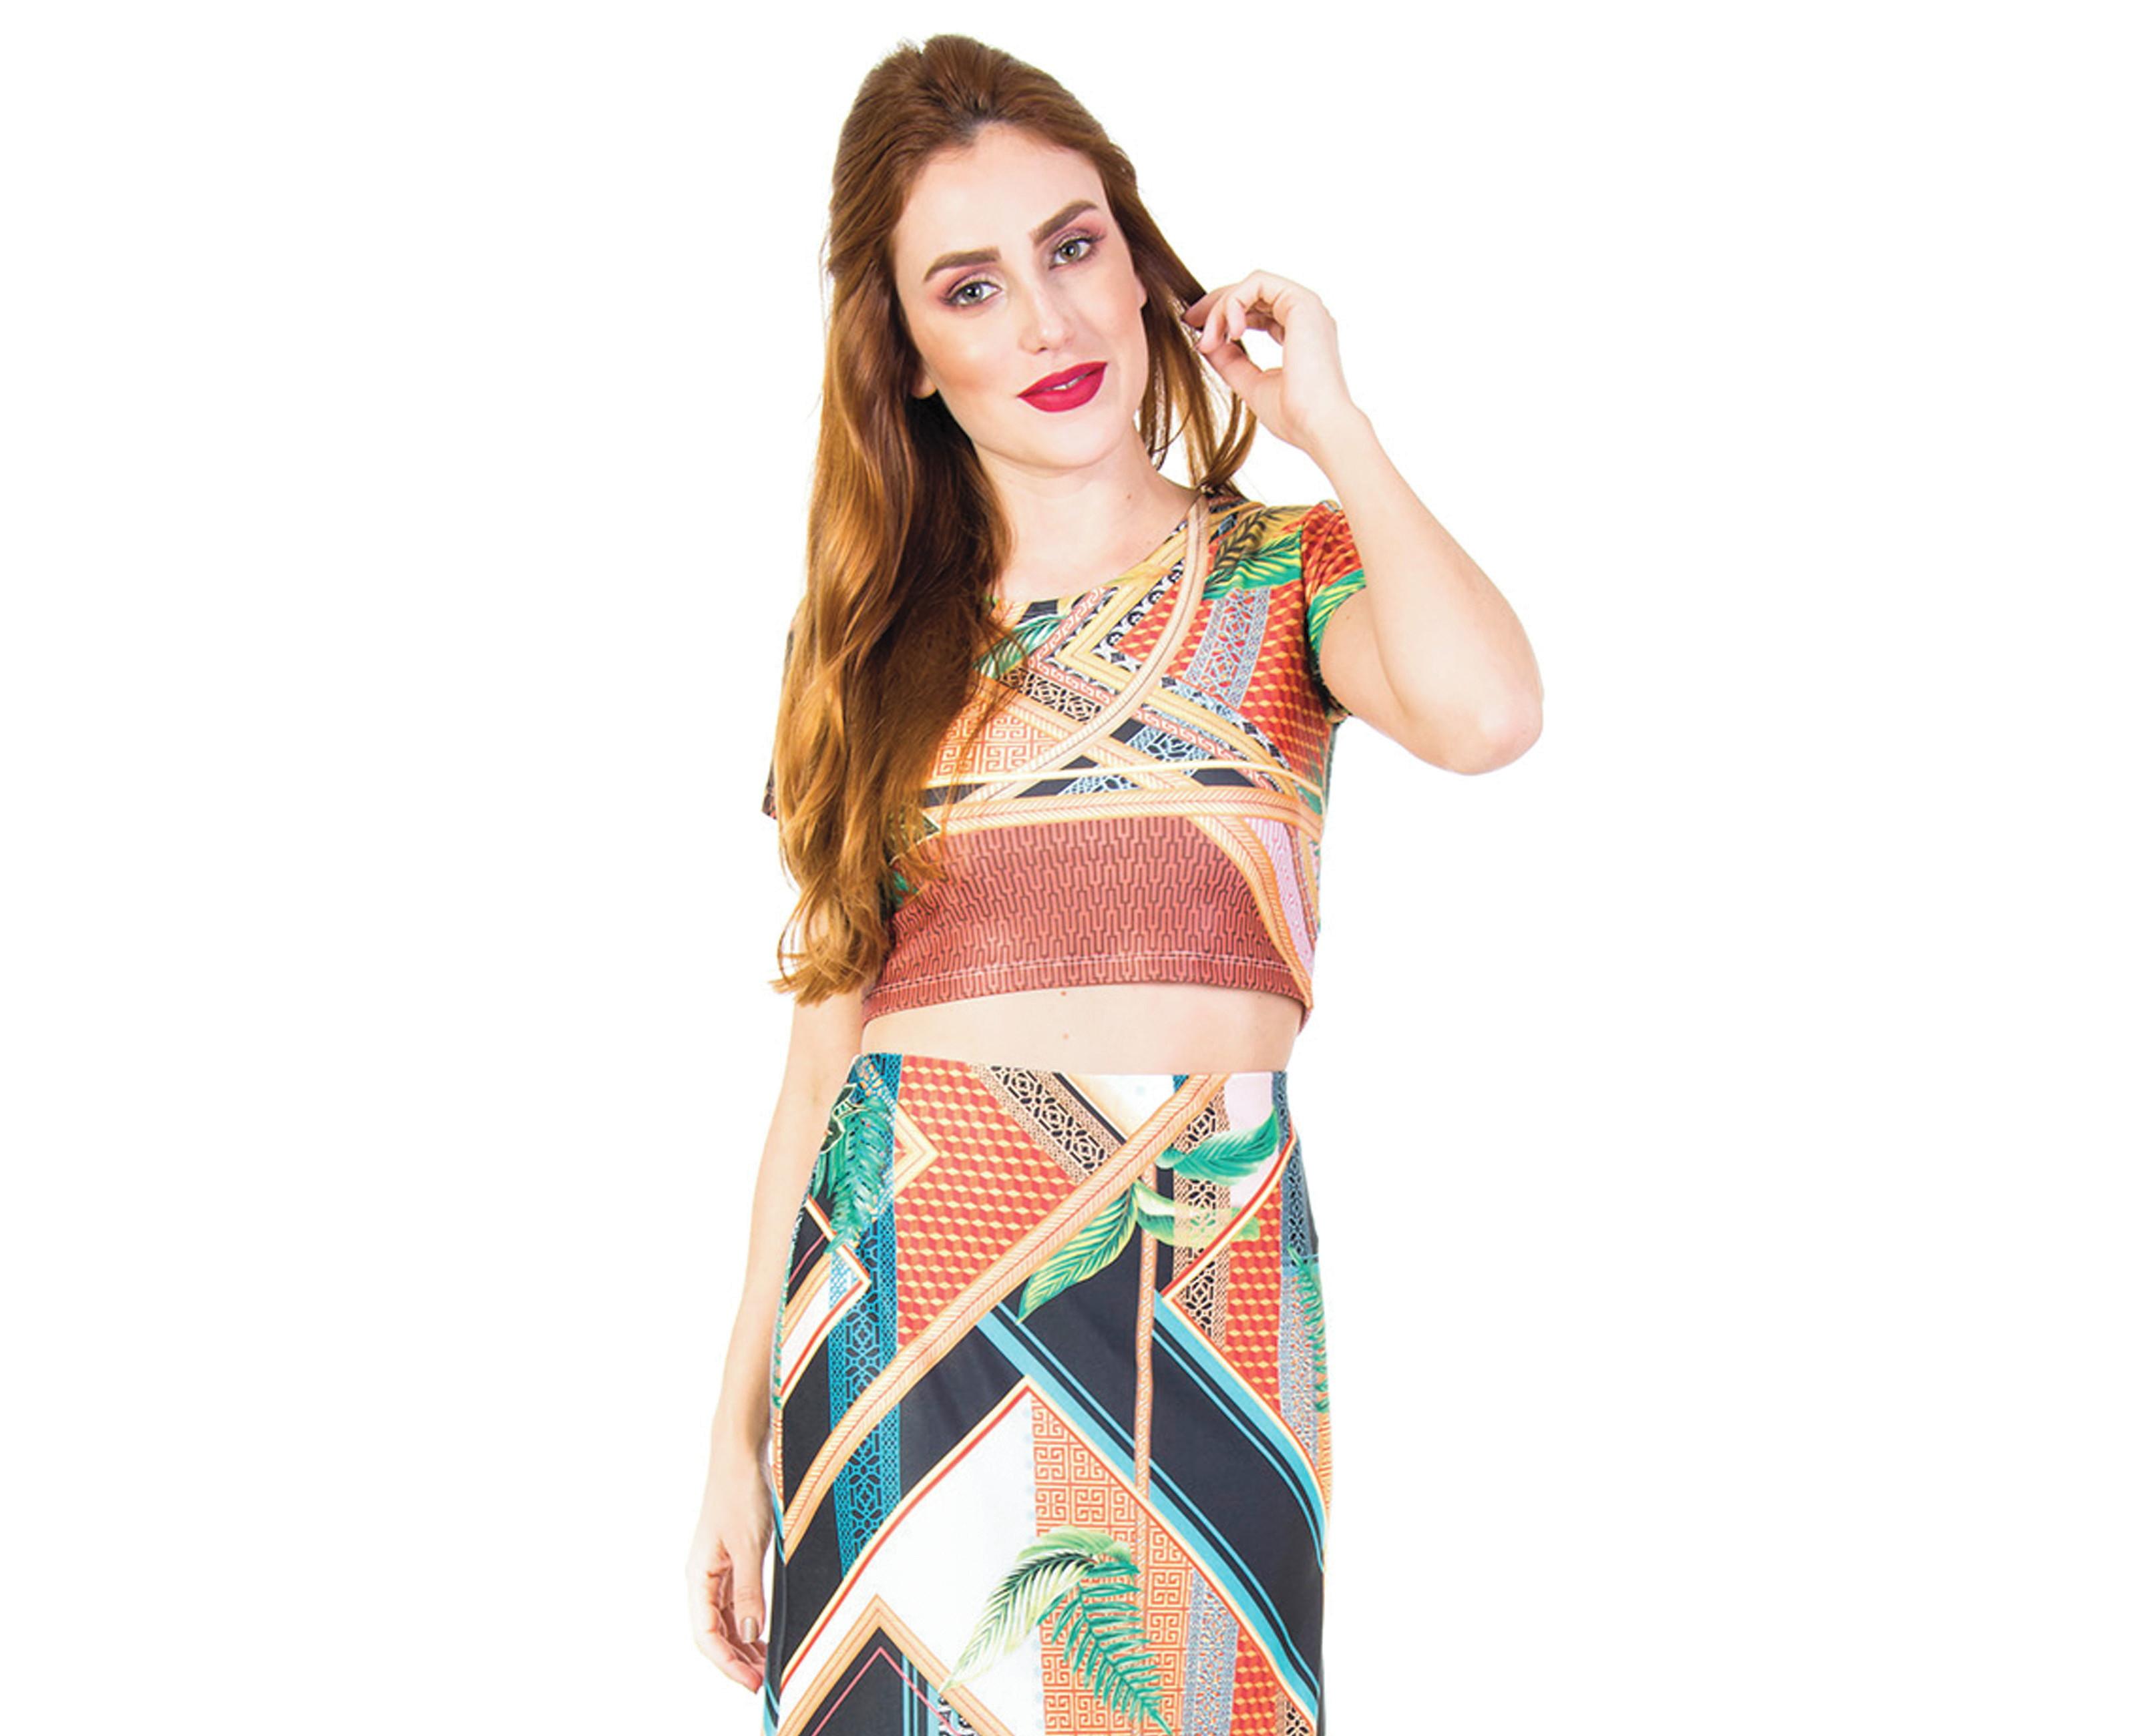 Blusa de Malha Colorida em Rechilieu  62606da0d17